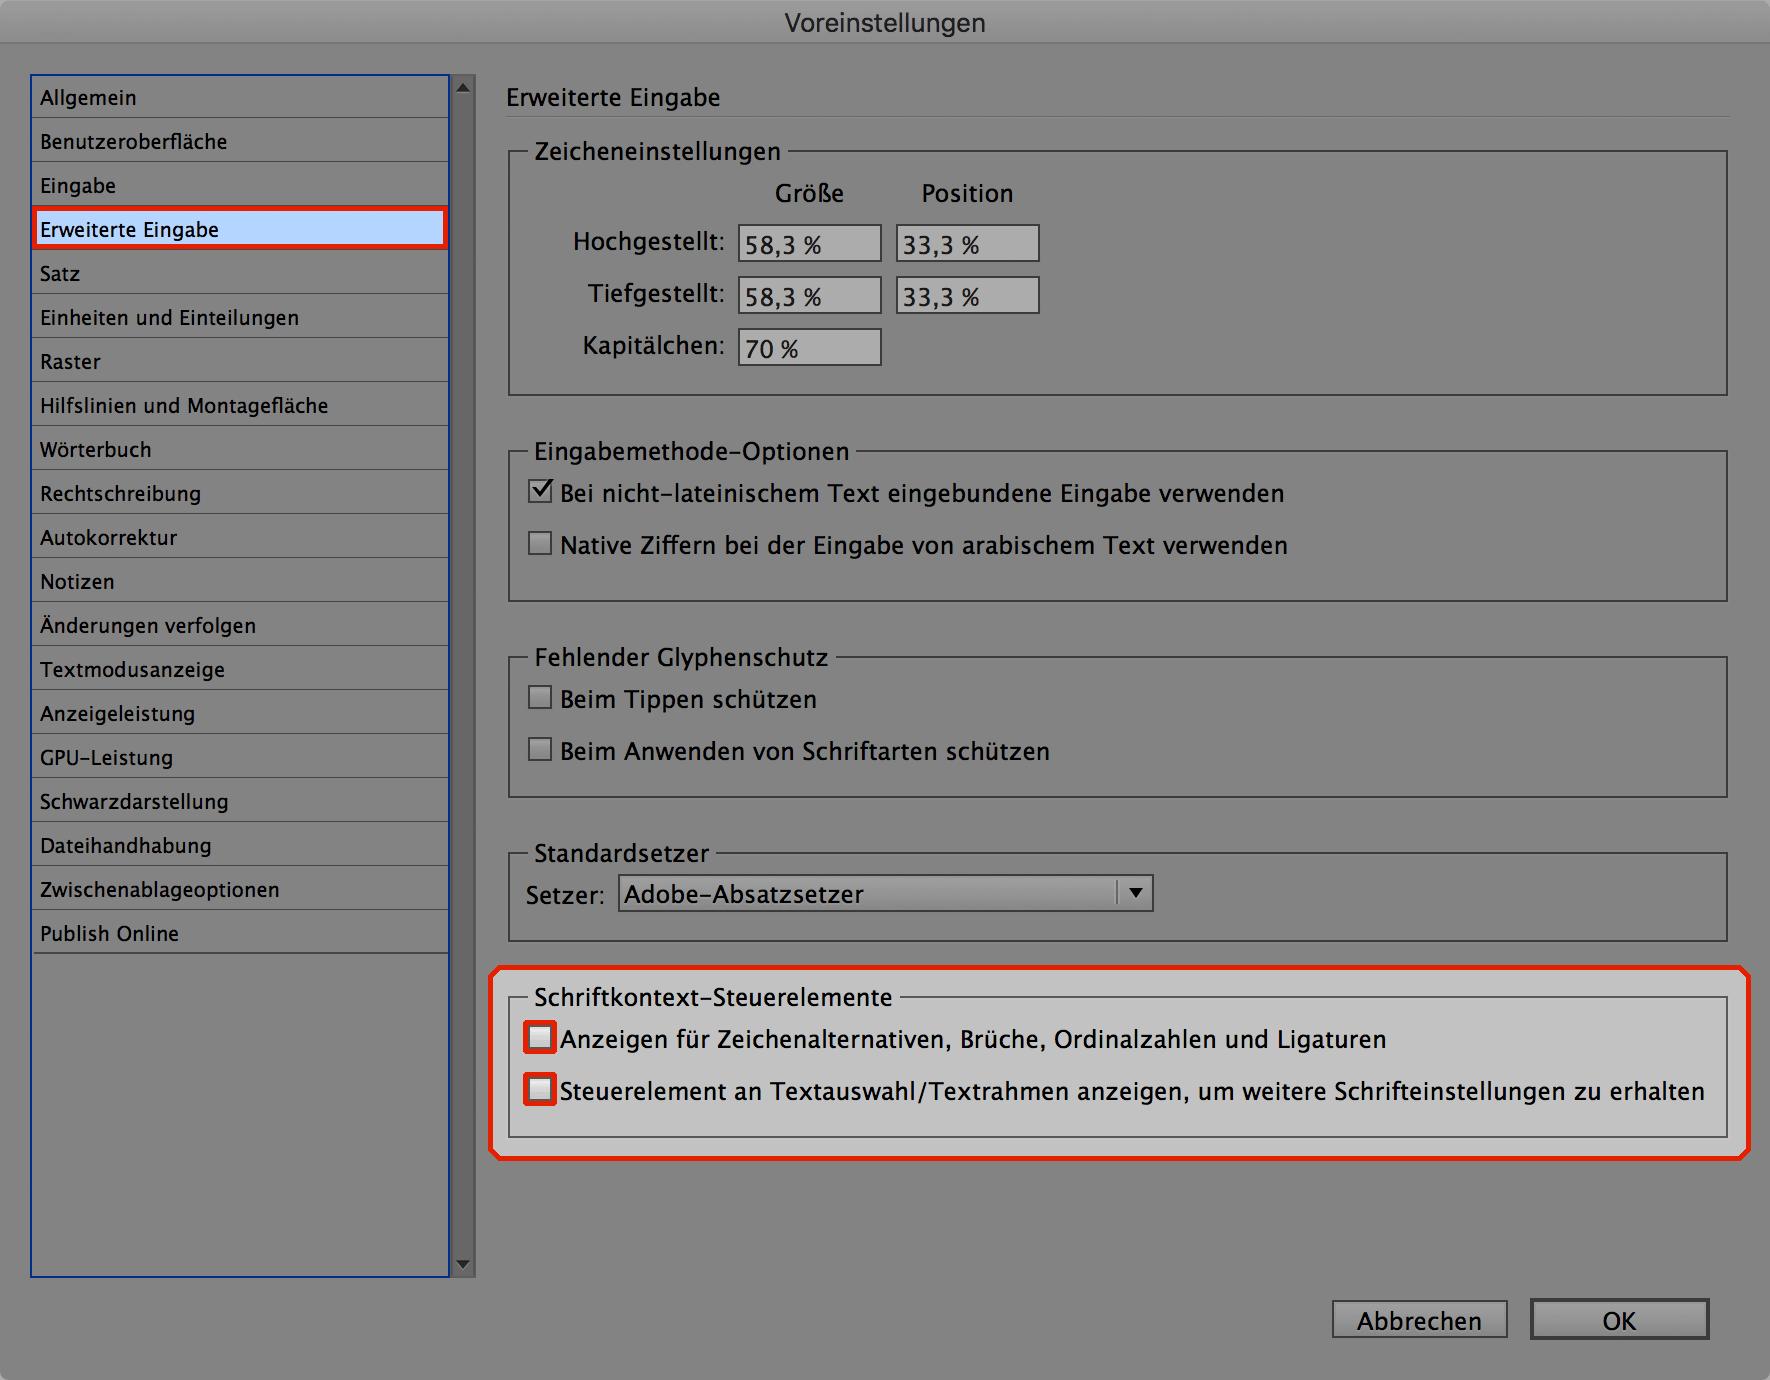 Bildschirmfoto der Voreinstellungen von Adobe InDesign CC2017 , Bereich Erweiterte Eingabe, mit dekativierte Opentype-Funktionen